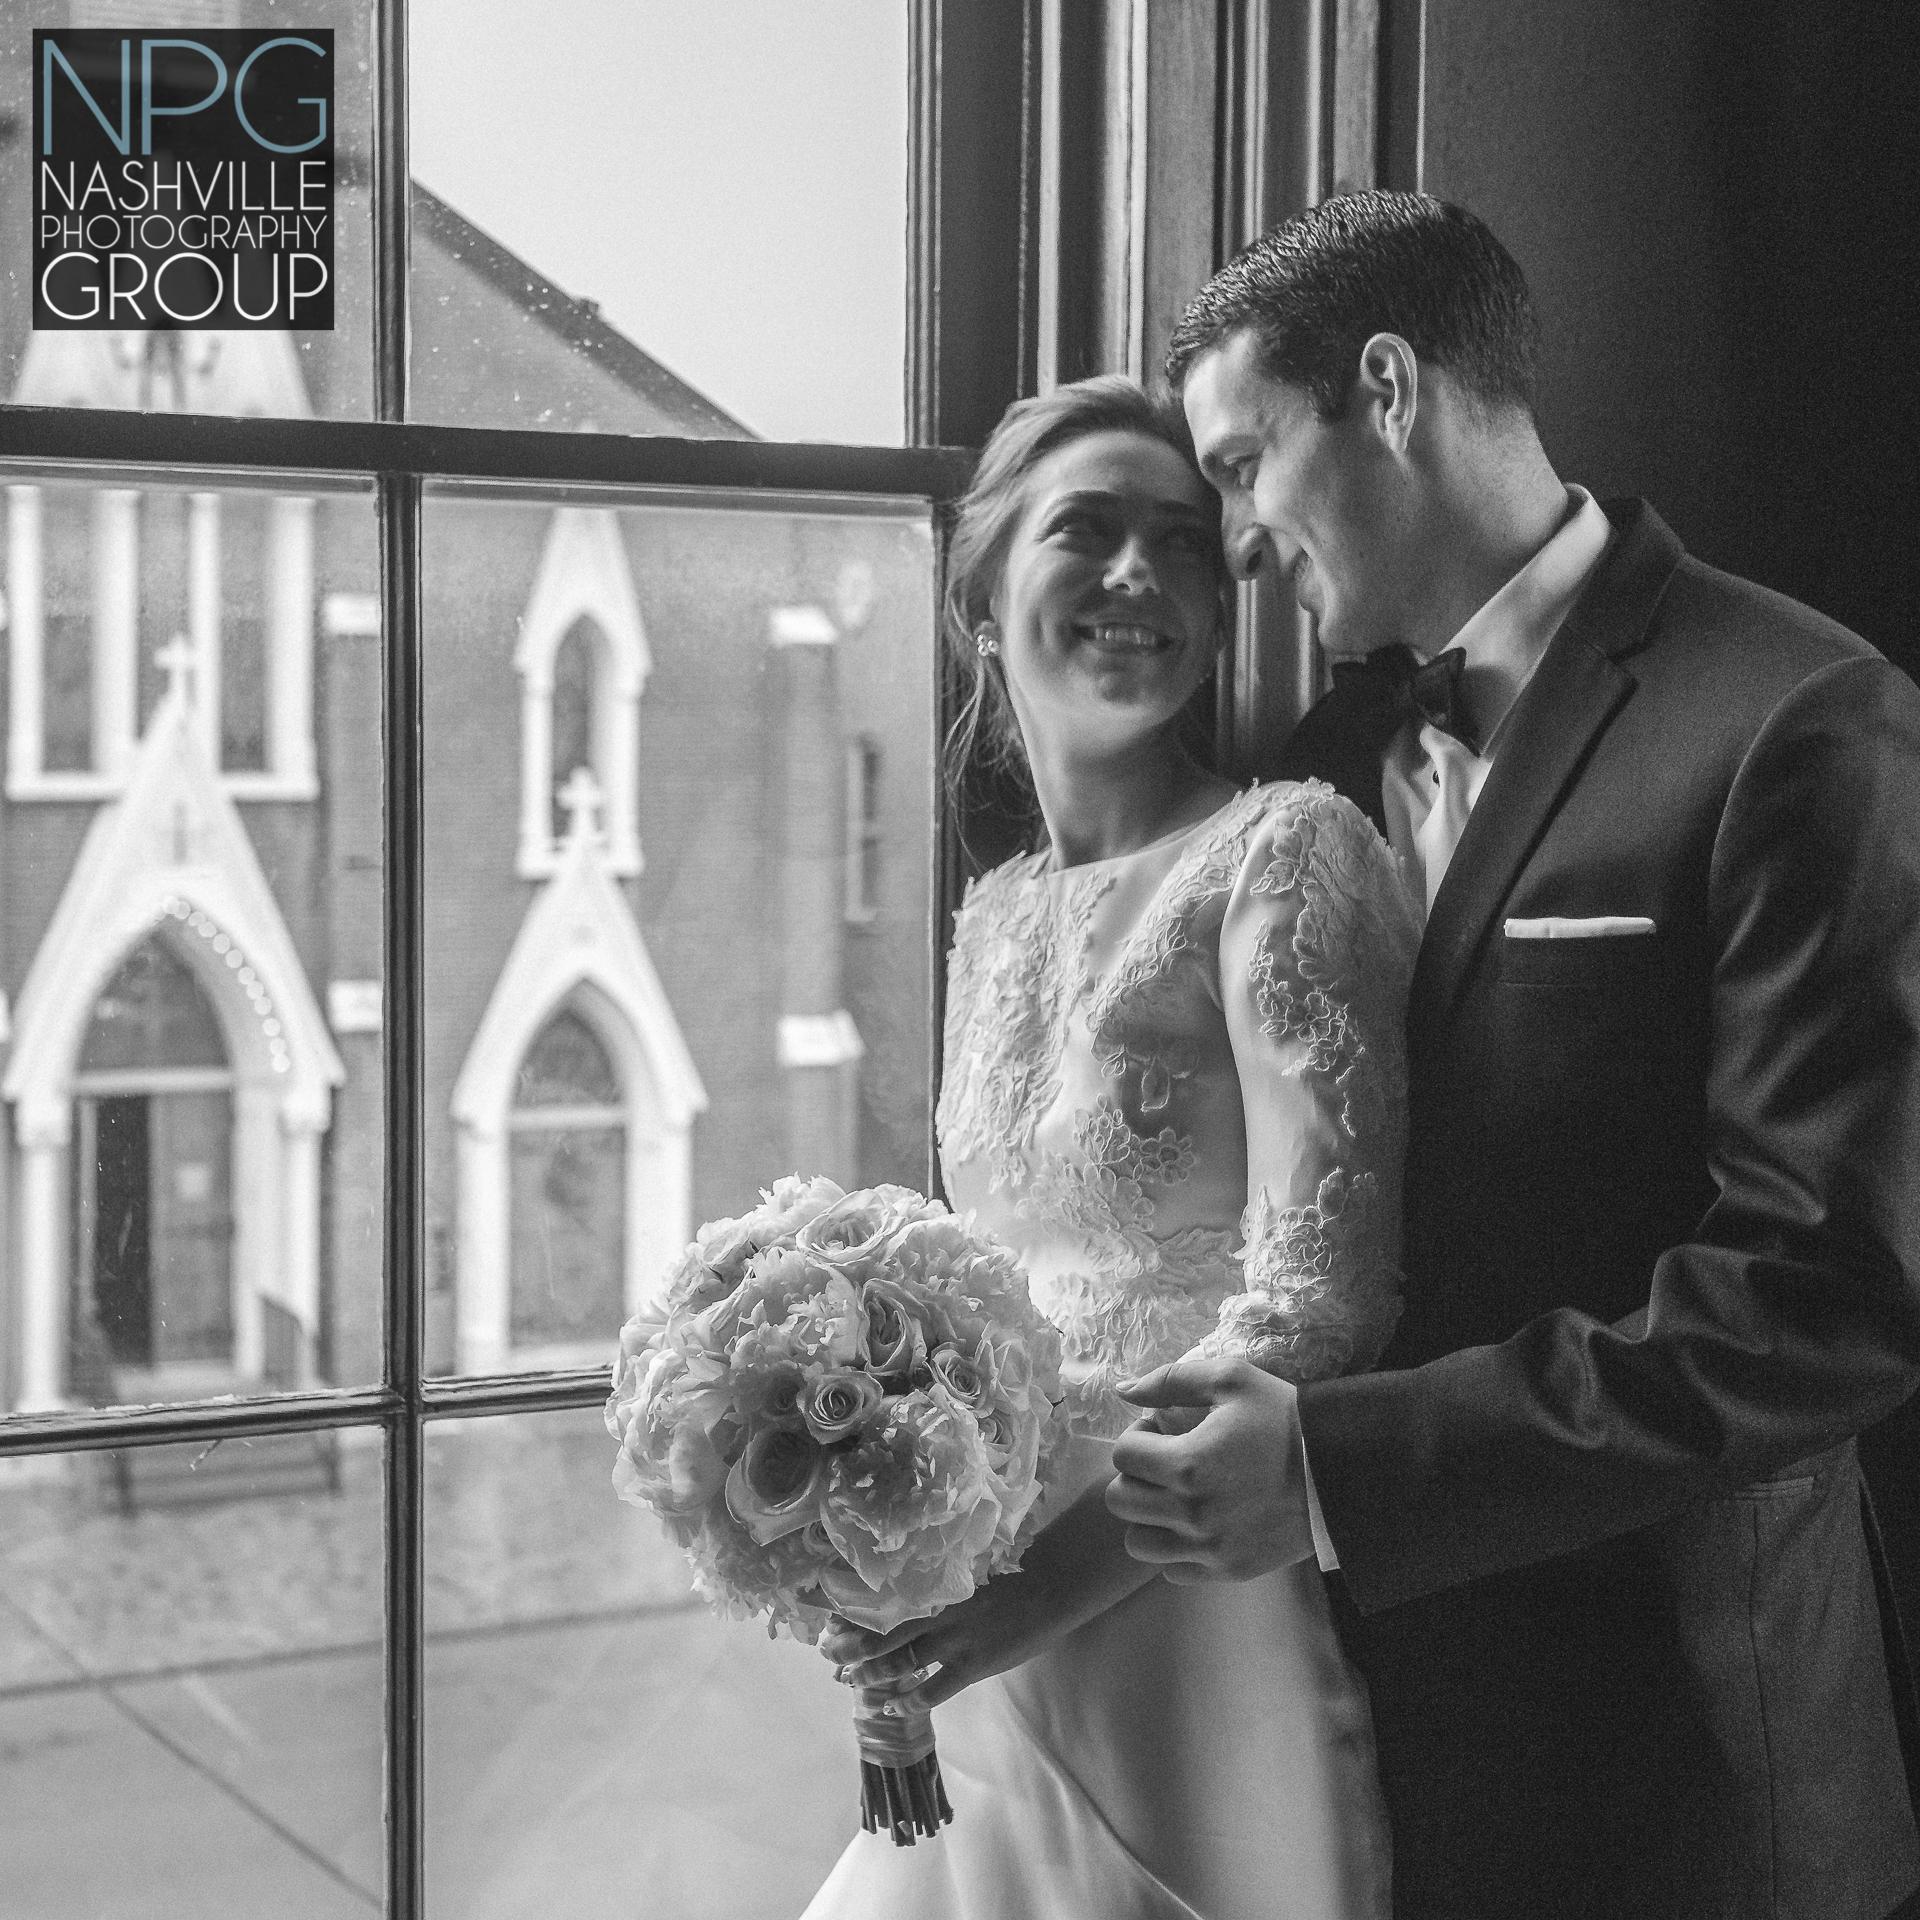 Nashville Photography Group wedding photographers-3-6.jpg